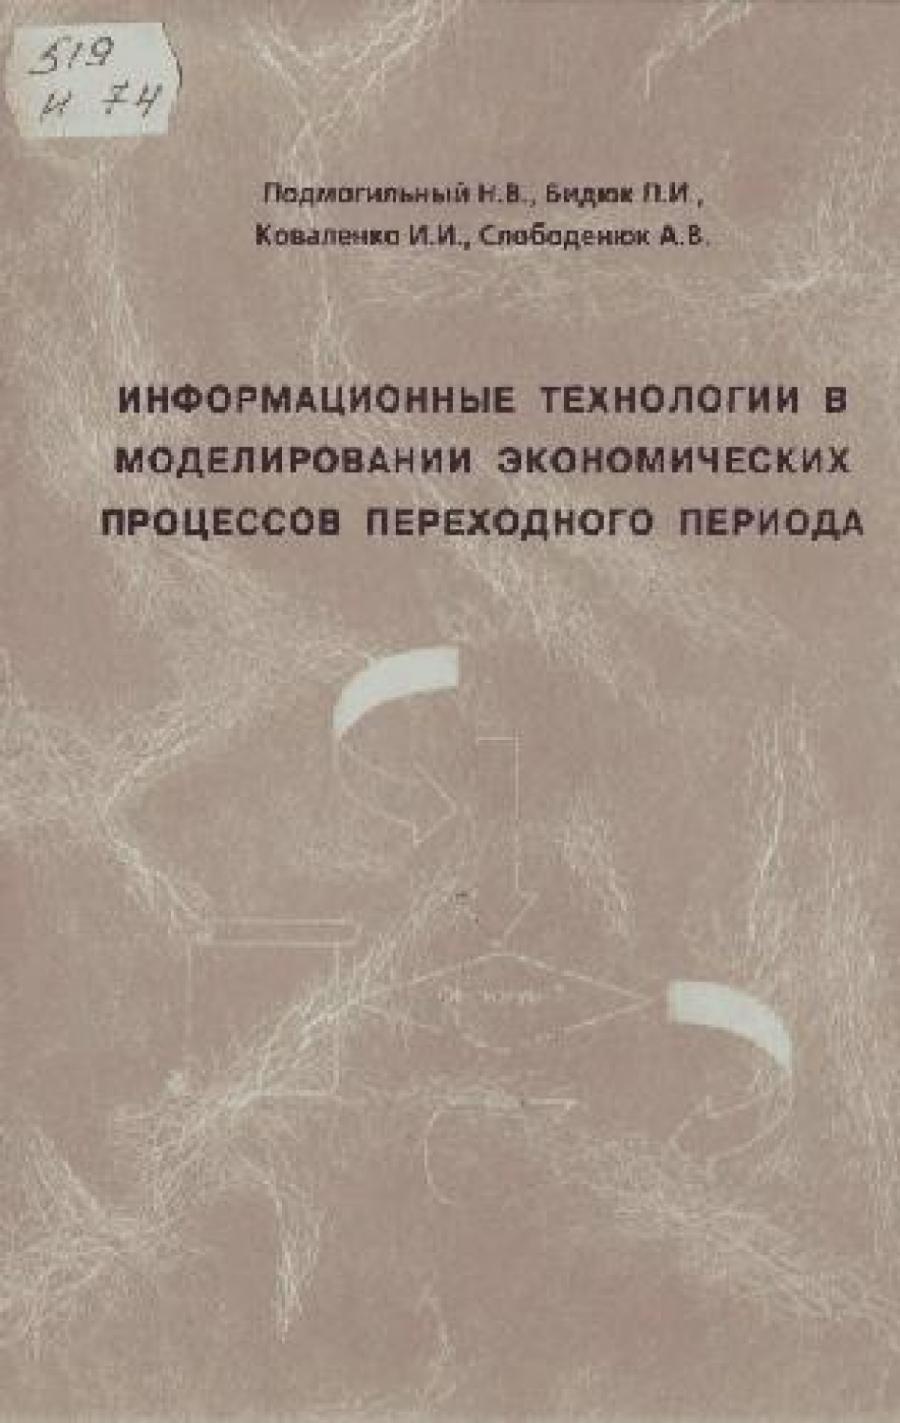 Обложка книги:  подмогильный н. в. - информационные технологии в моделировании экономических процессов переходного периода